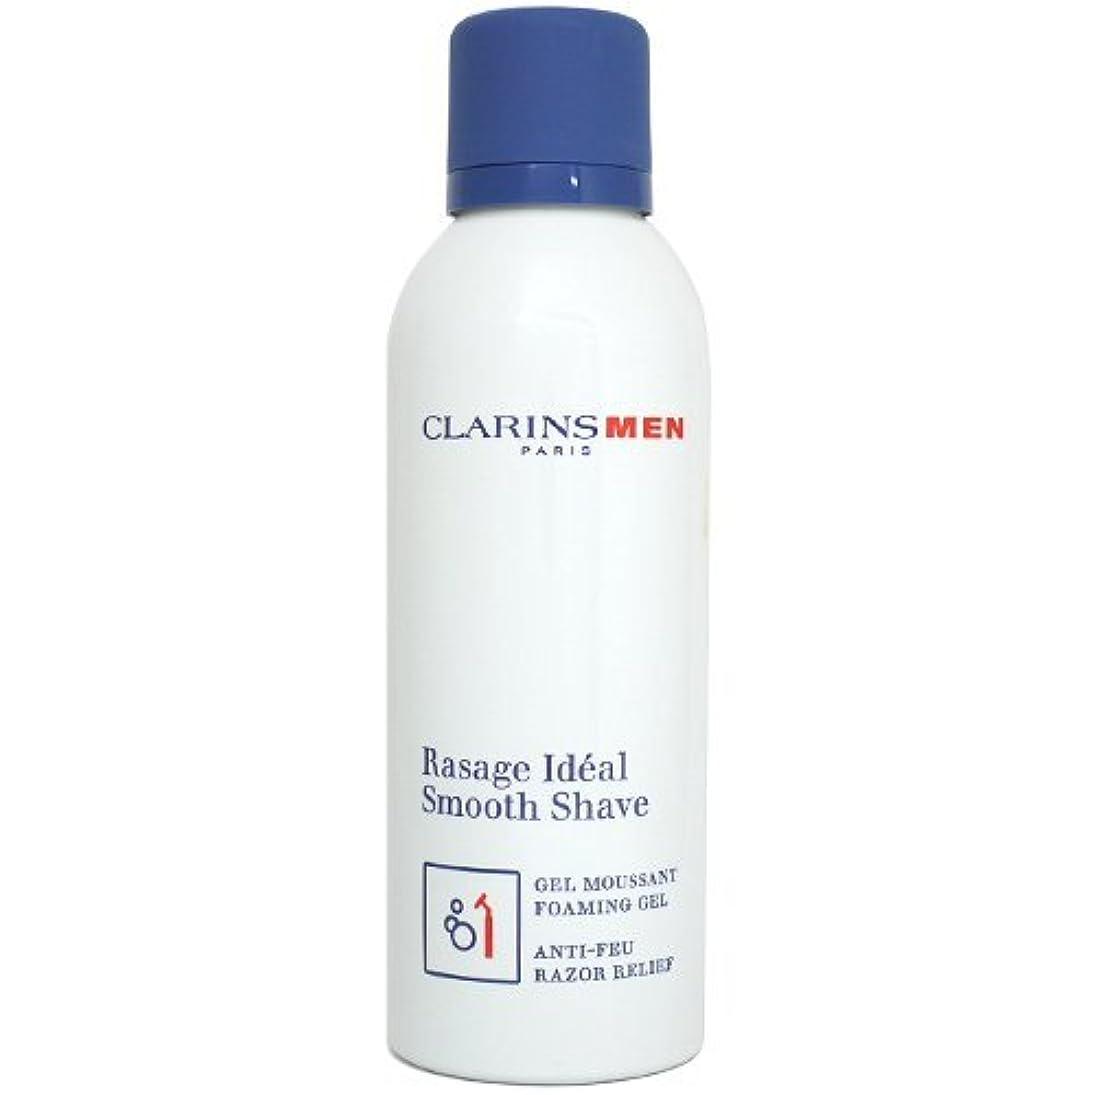 悪質などんよりしたフリンジクラランス CLARINS メン スムース シェイヴ 150mL [並行輸入品]